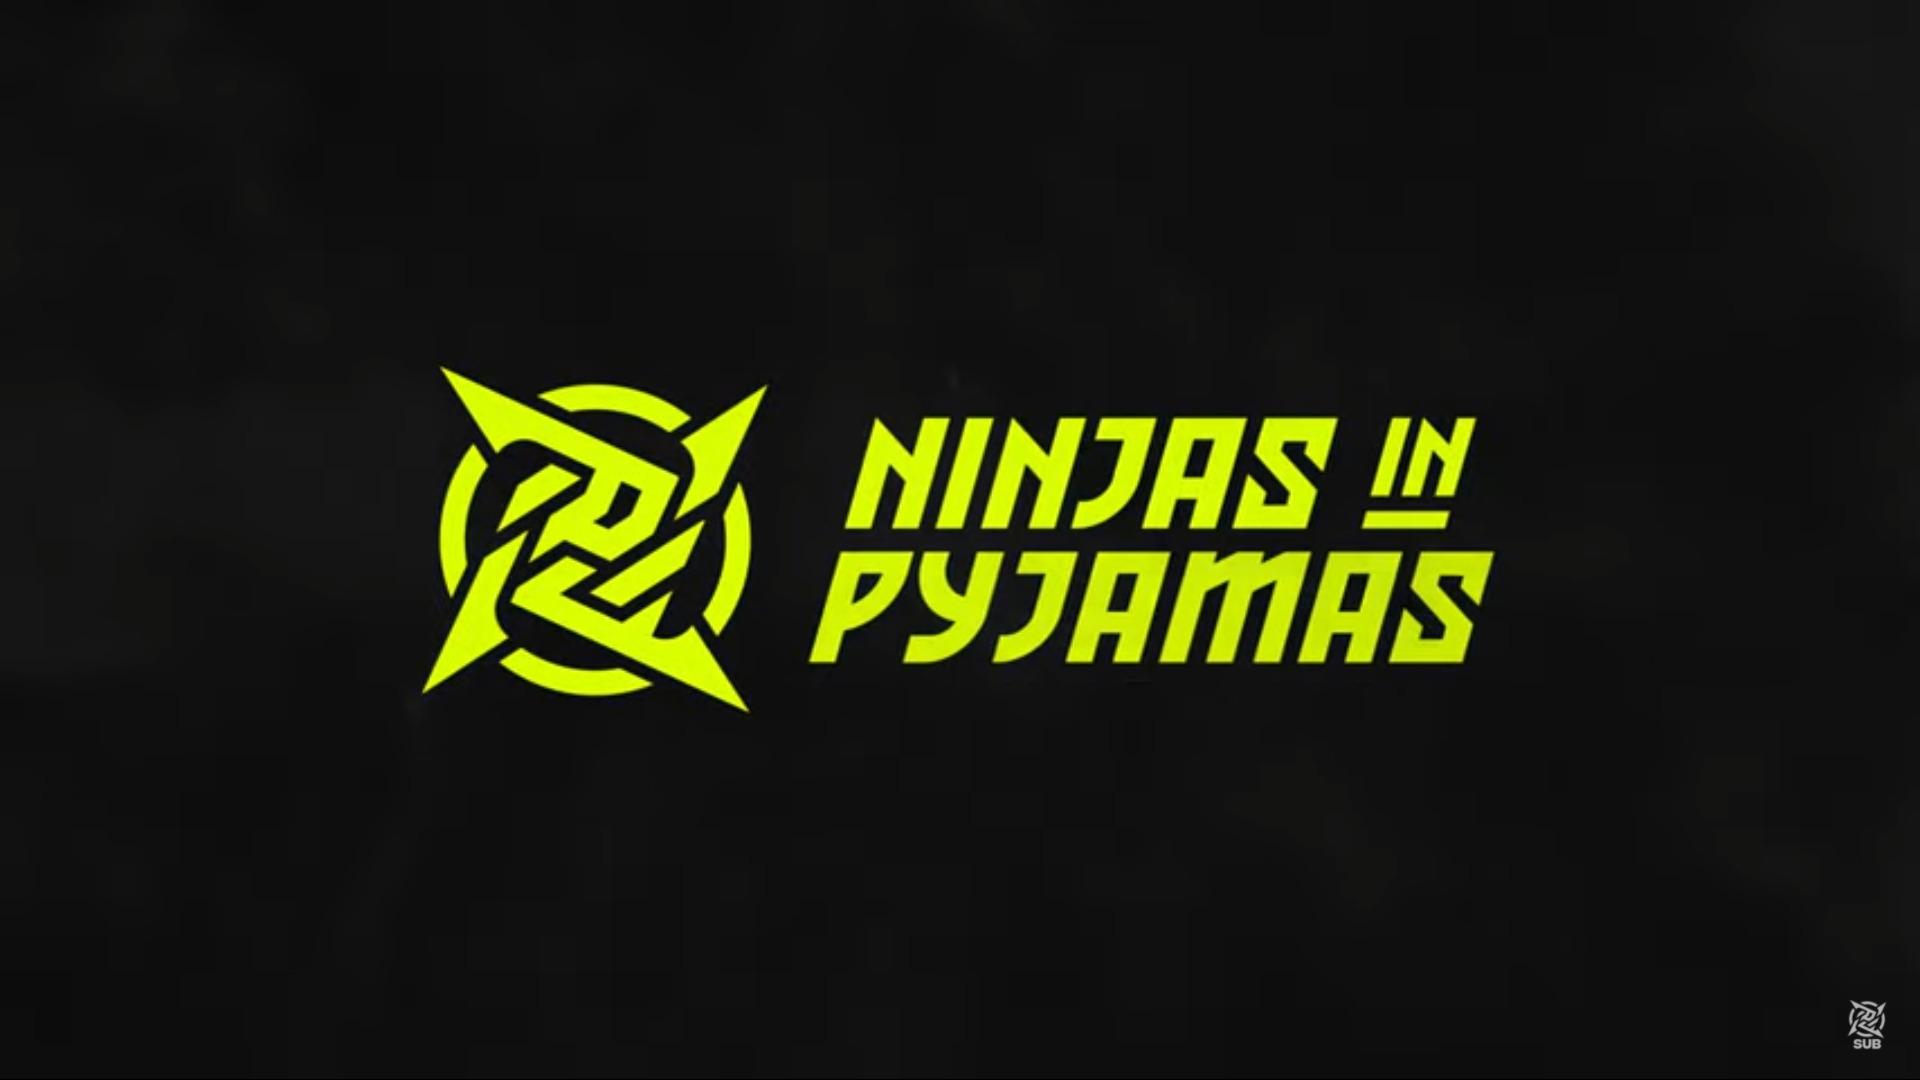 ninjas in pyjamas logo